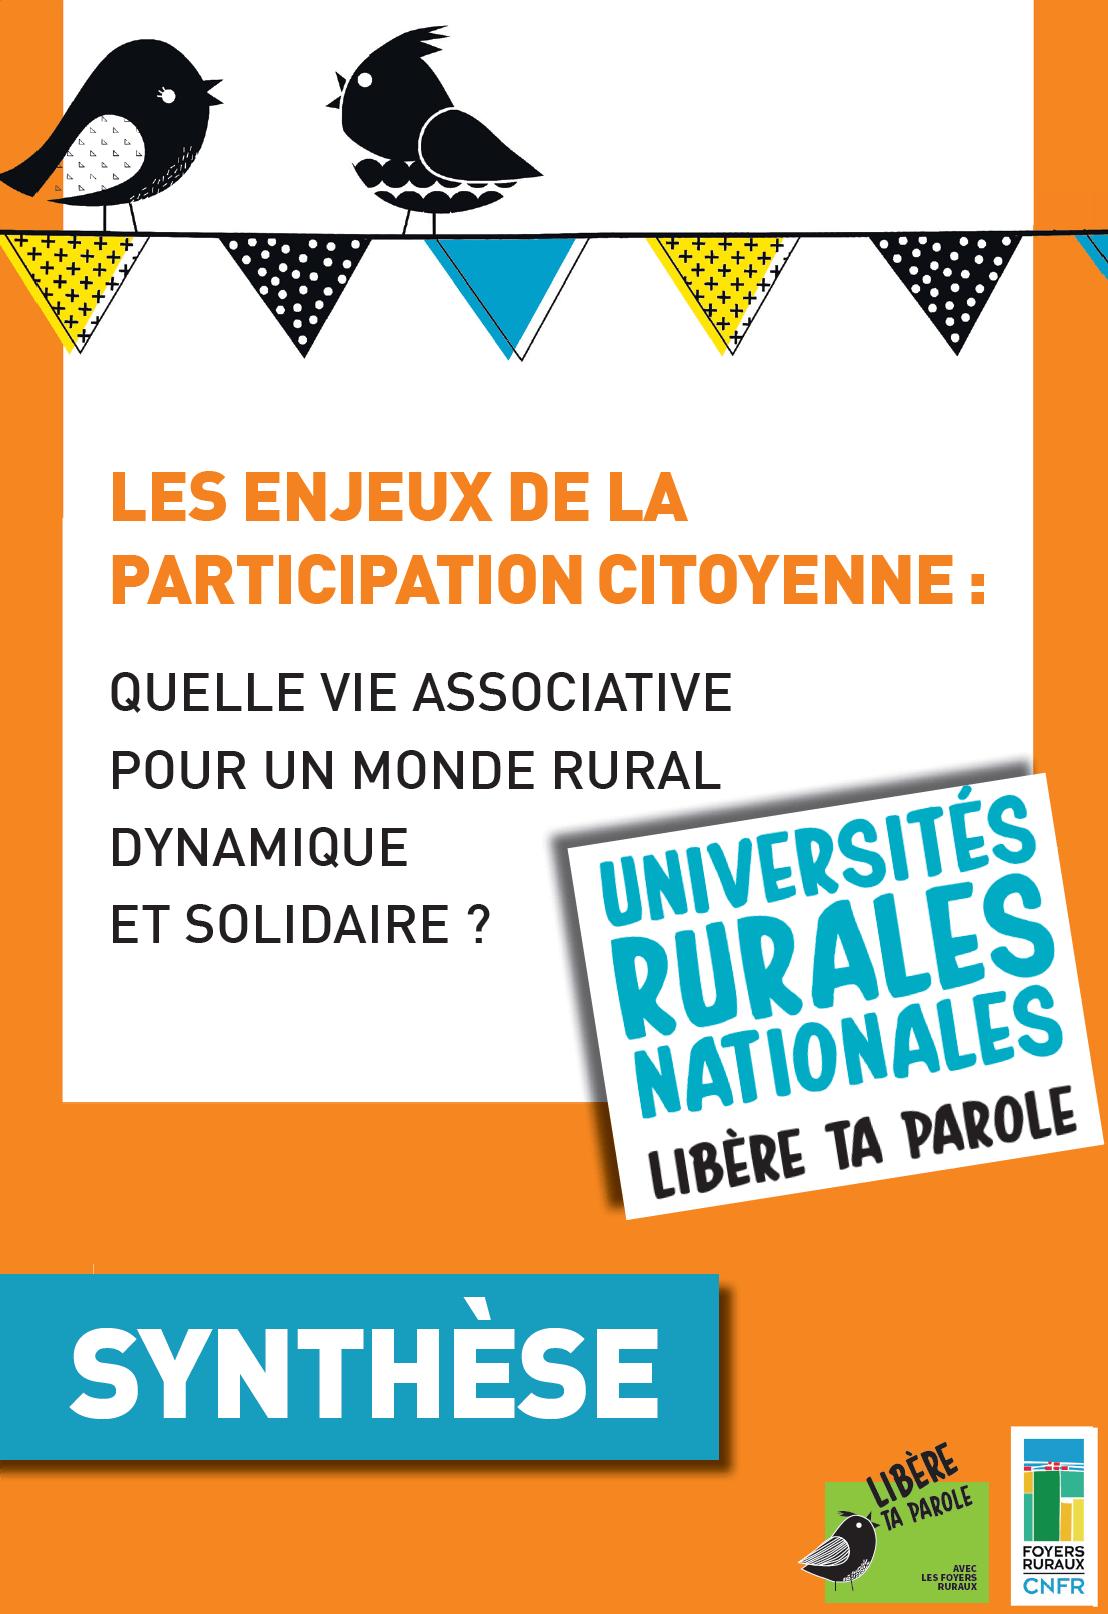 La synthèse des Universités rurales Nationales Libère ta Parole est arrivée !